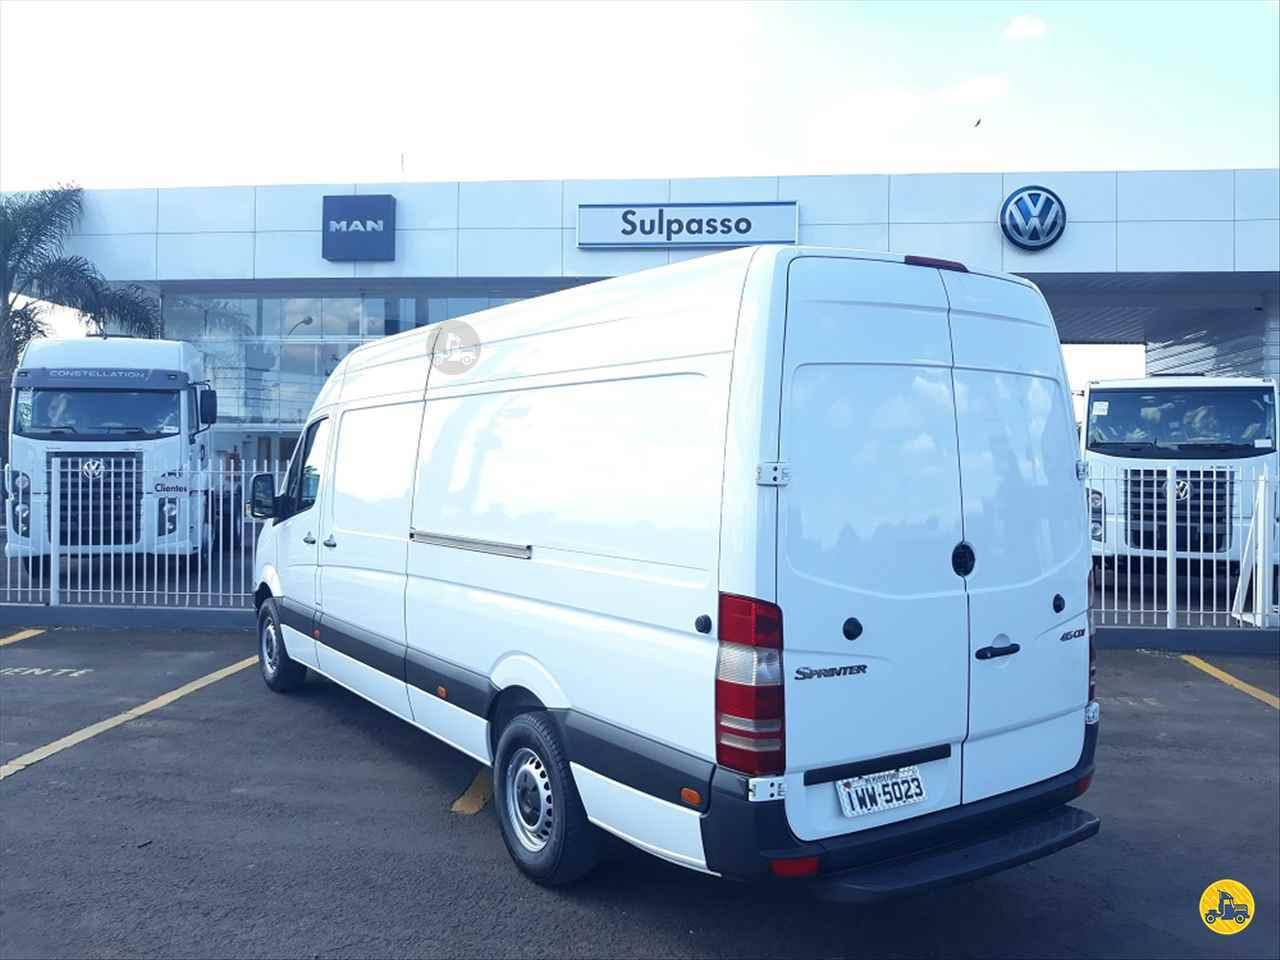 MERCEDES-BENZ Sprinter Furgão 415 260988km 2014/2015 Sulpasso Caminhões - VW MAN